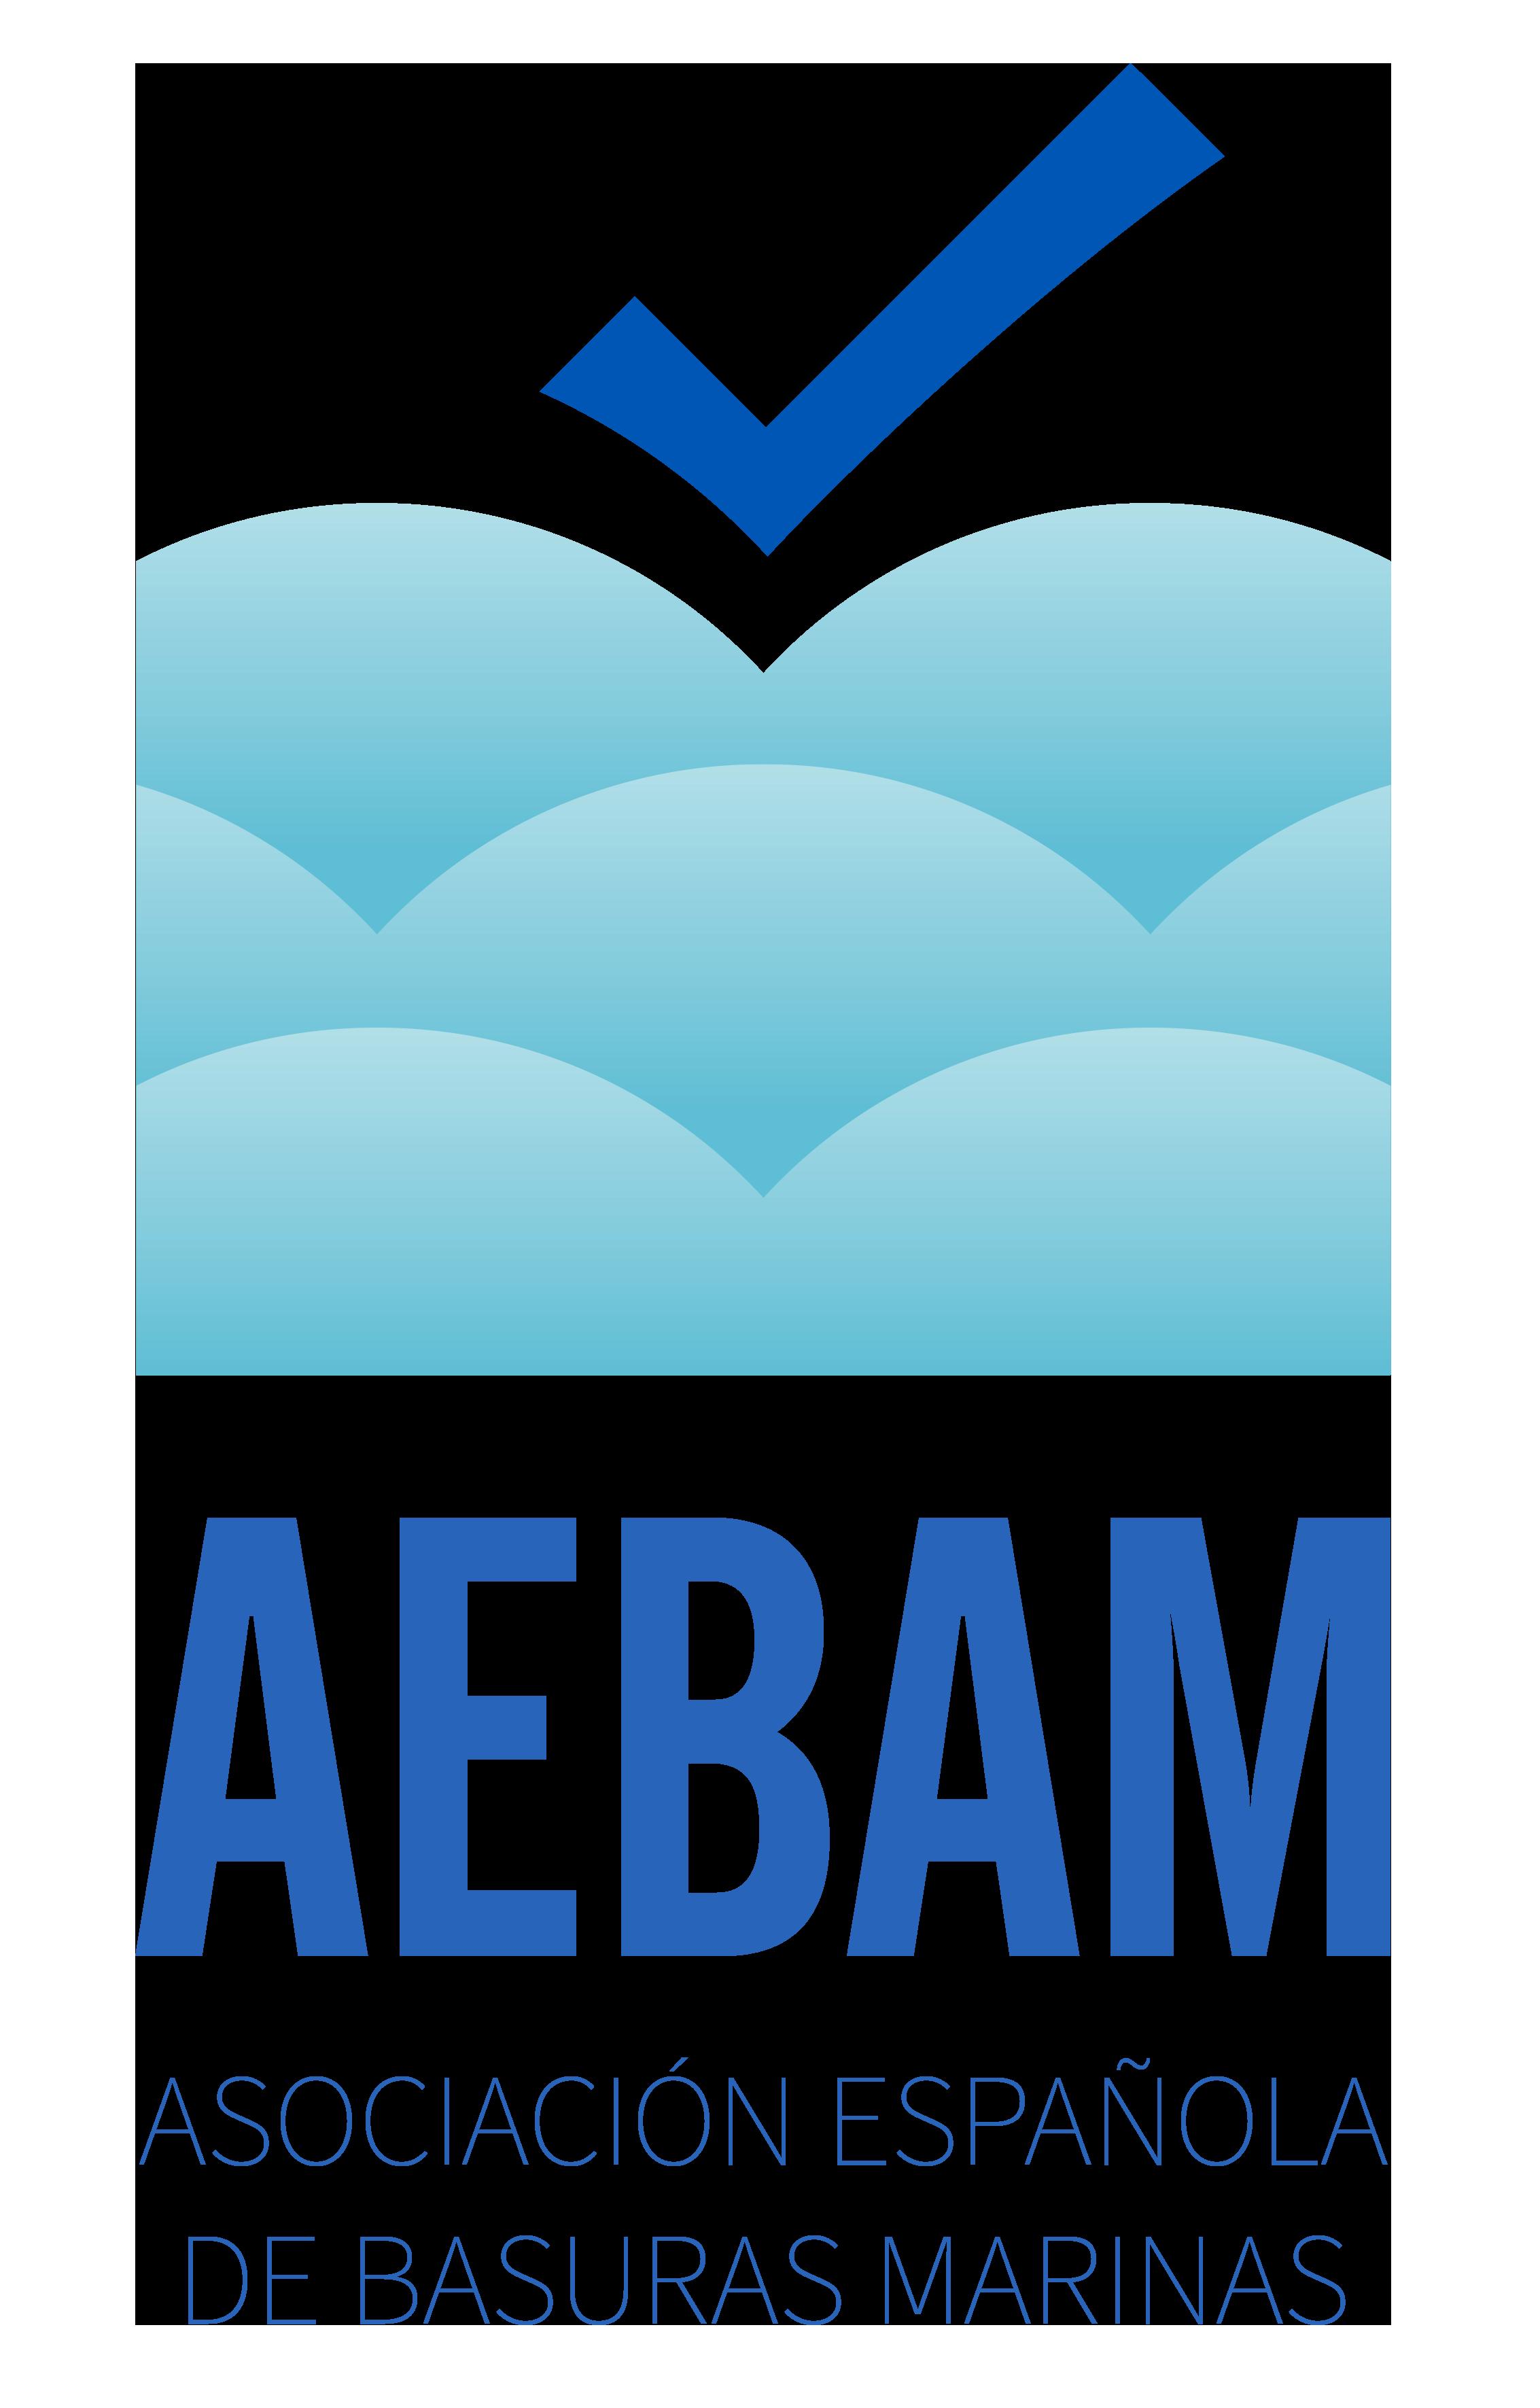 logo-aebam